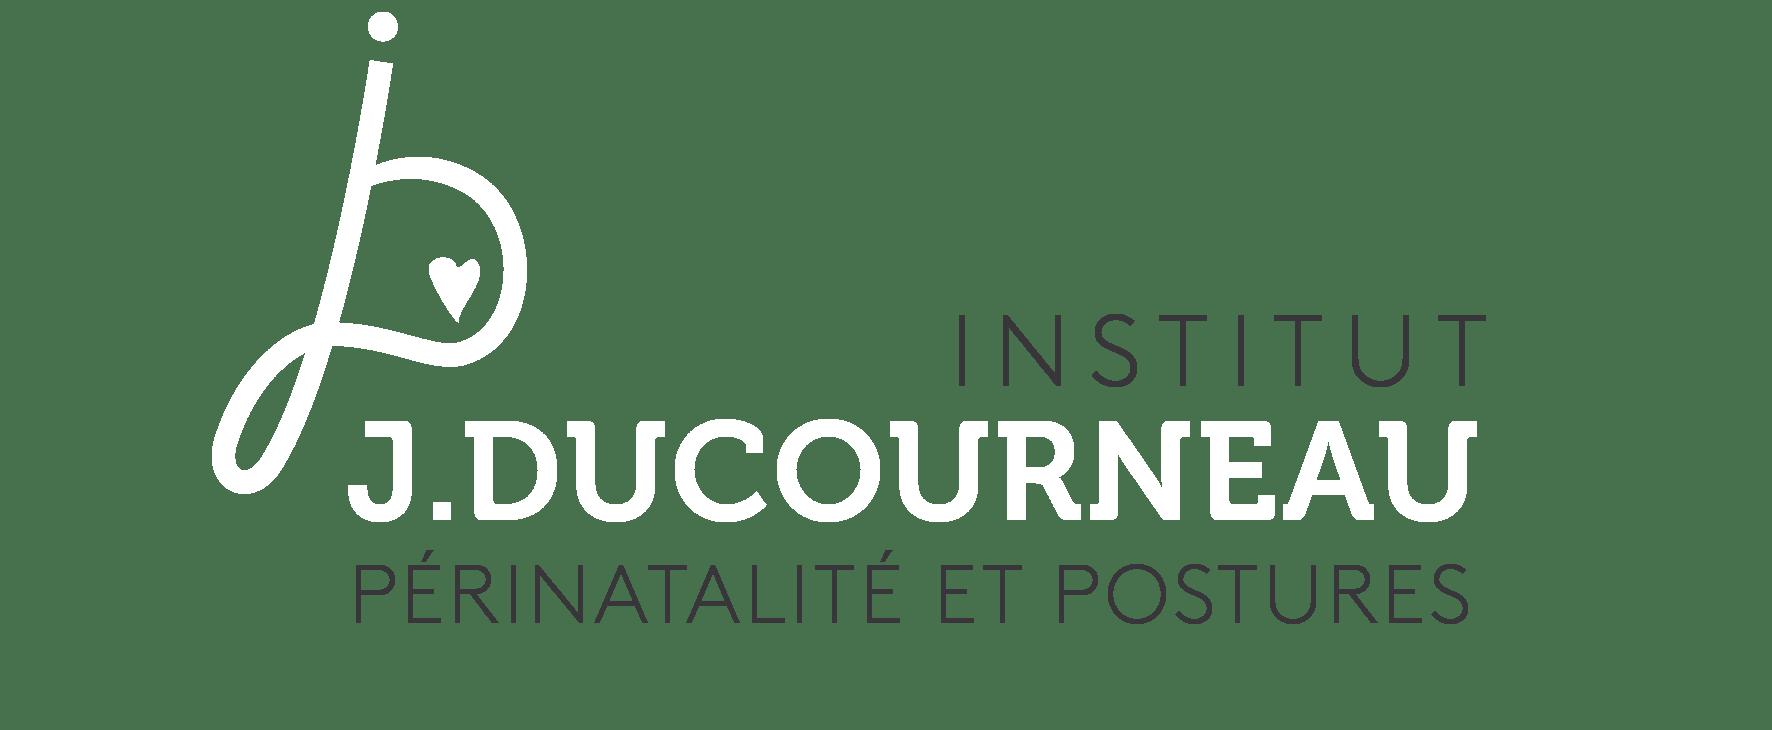 institut Jean Ducourneau